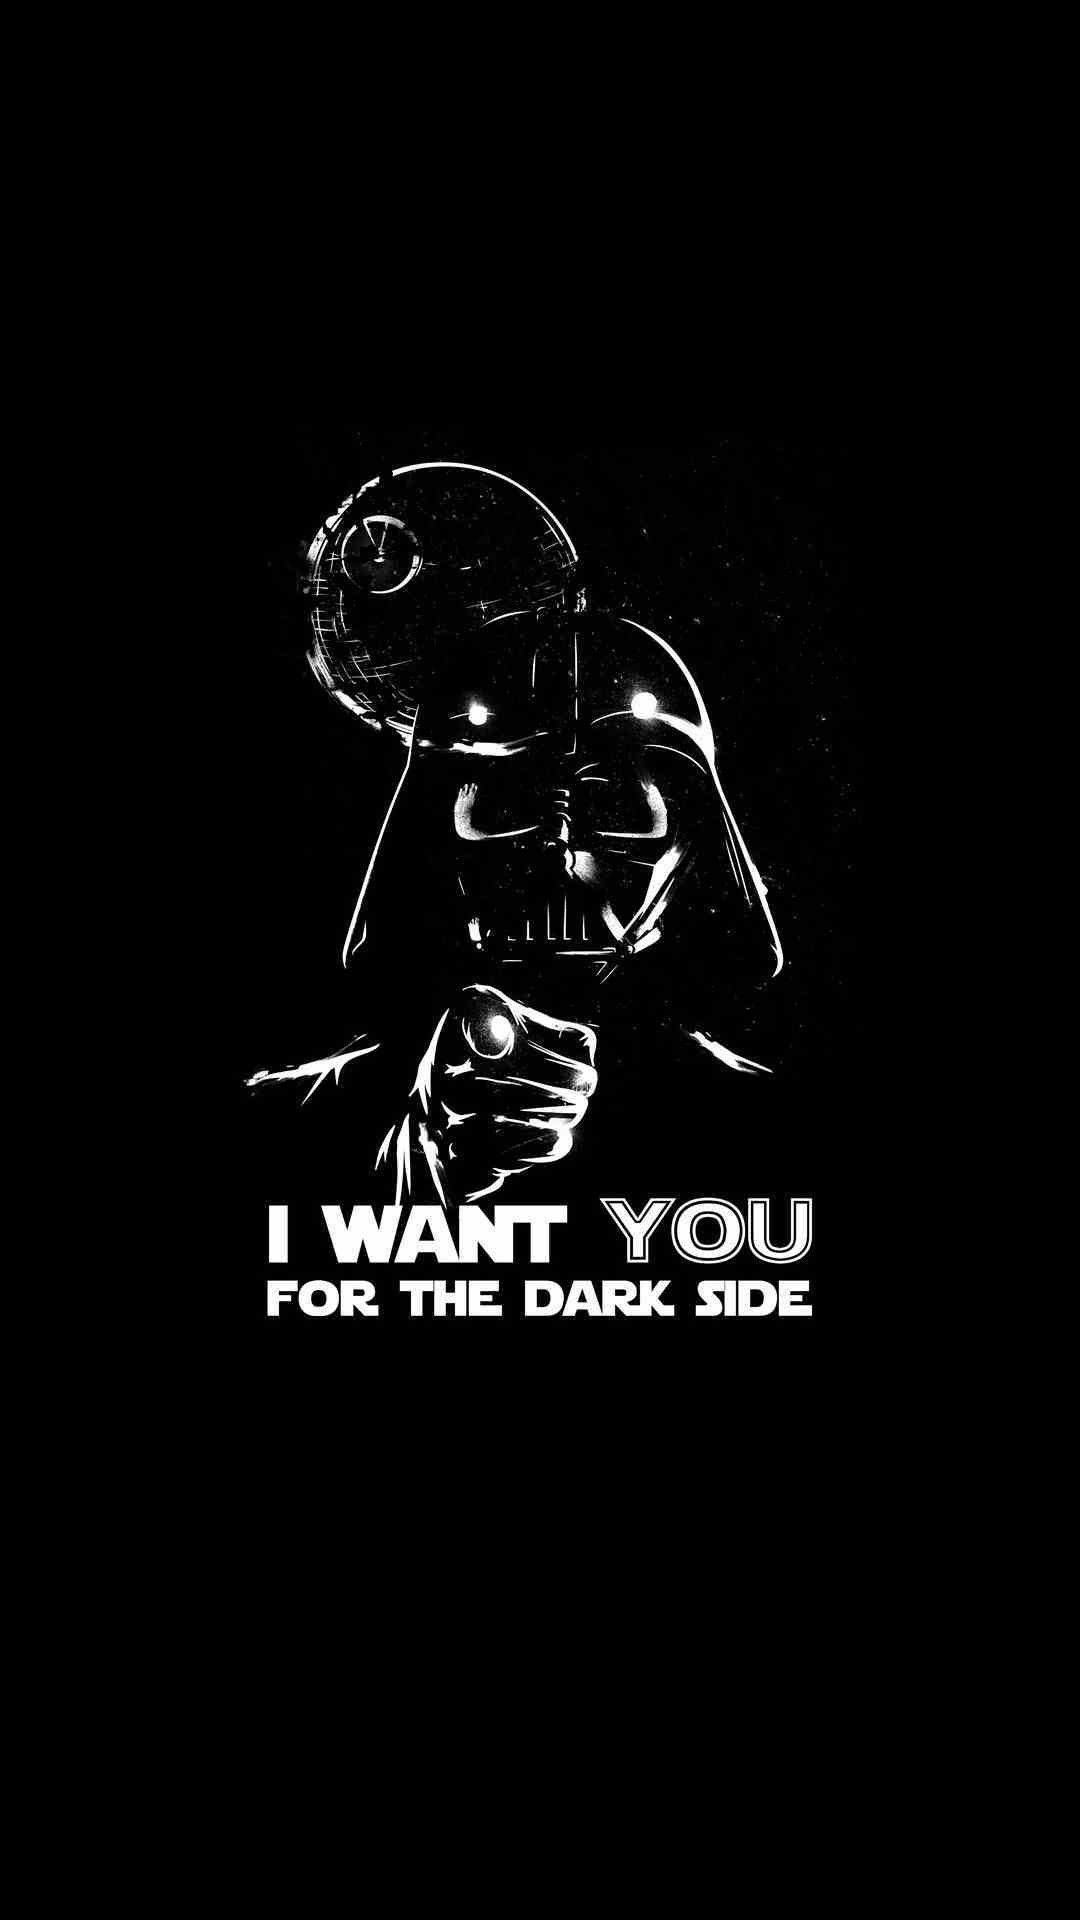 Minimalist Darth Vader Wallpaper Android In 2020 Star Wars Wallpaper Cute Black Wallpaper Darth Vader Wallpaper